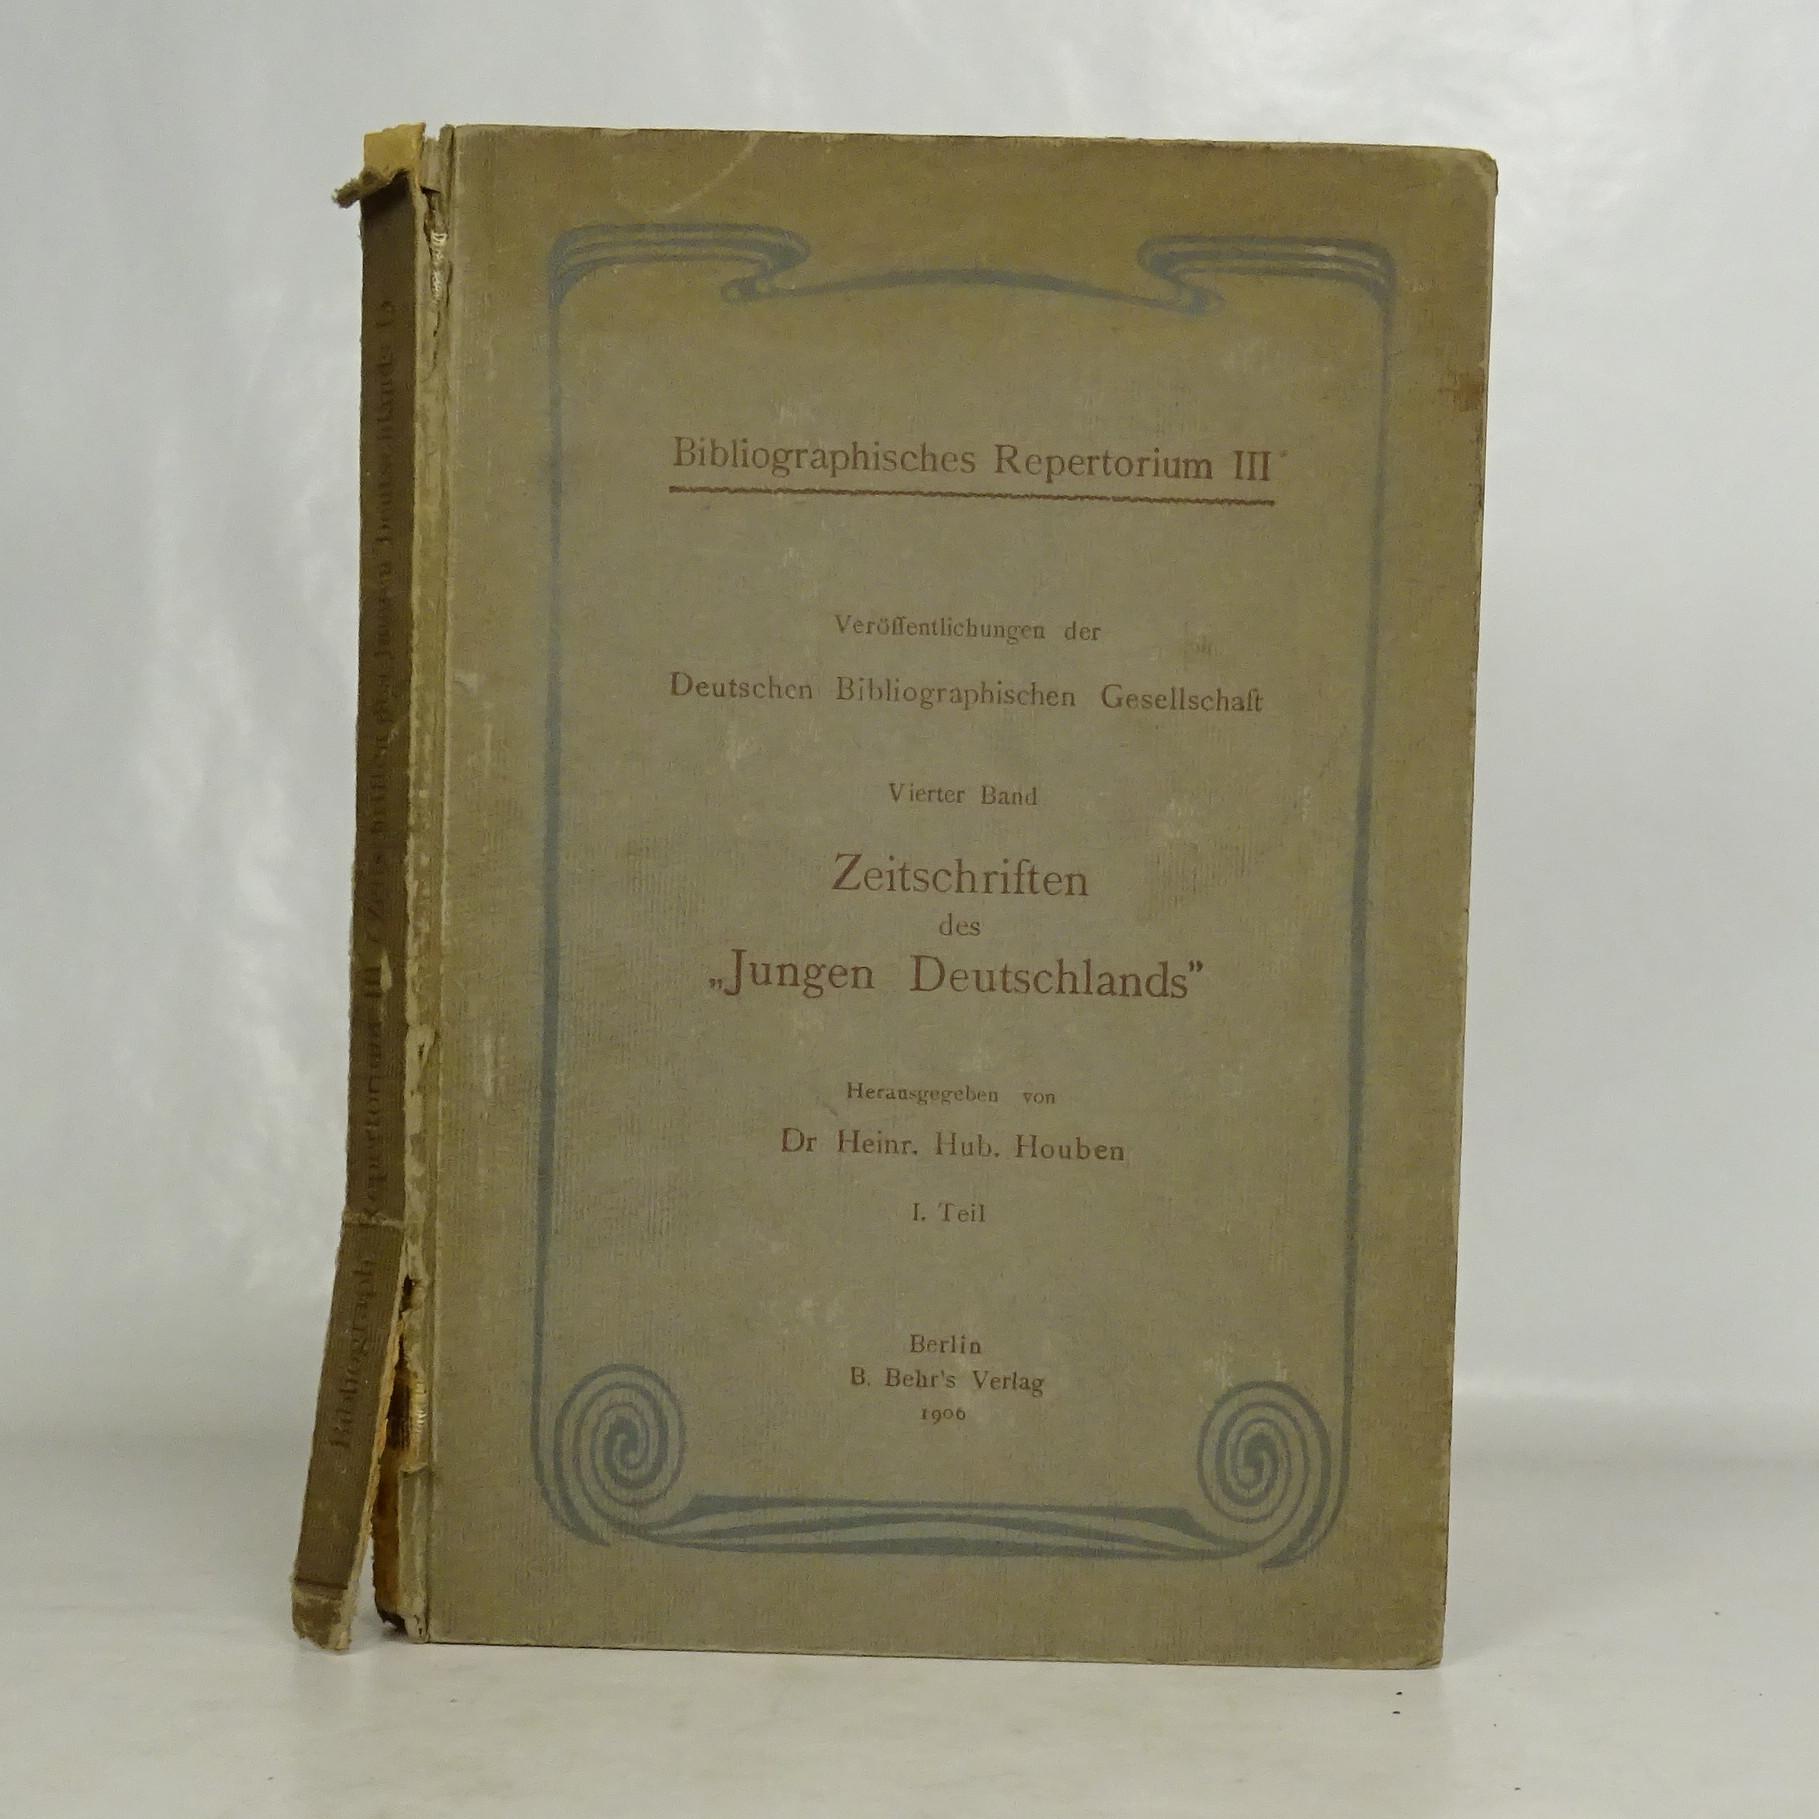 antikvární kniha Zeitschriften des Jungen Deutschlands. (Erster Teil). Veröffentlichungen der Deutschen Bibliographischen Gesellschaft. Bibliographisches Repertorium. Dritter Band., 1906